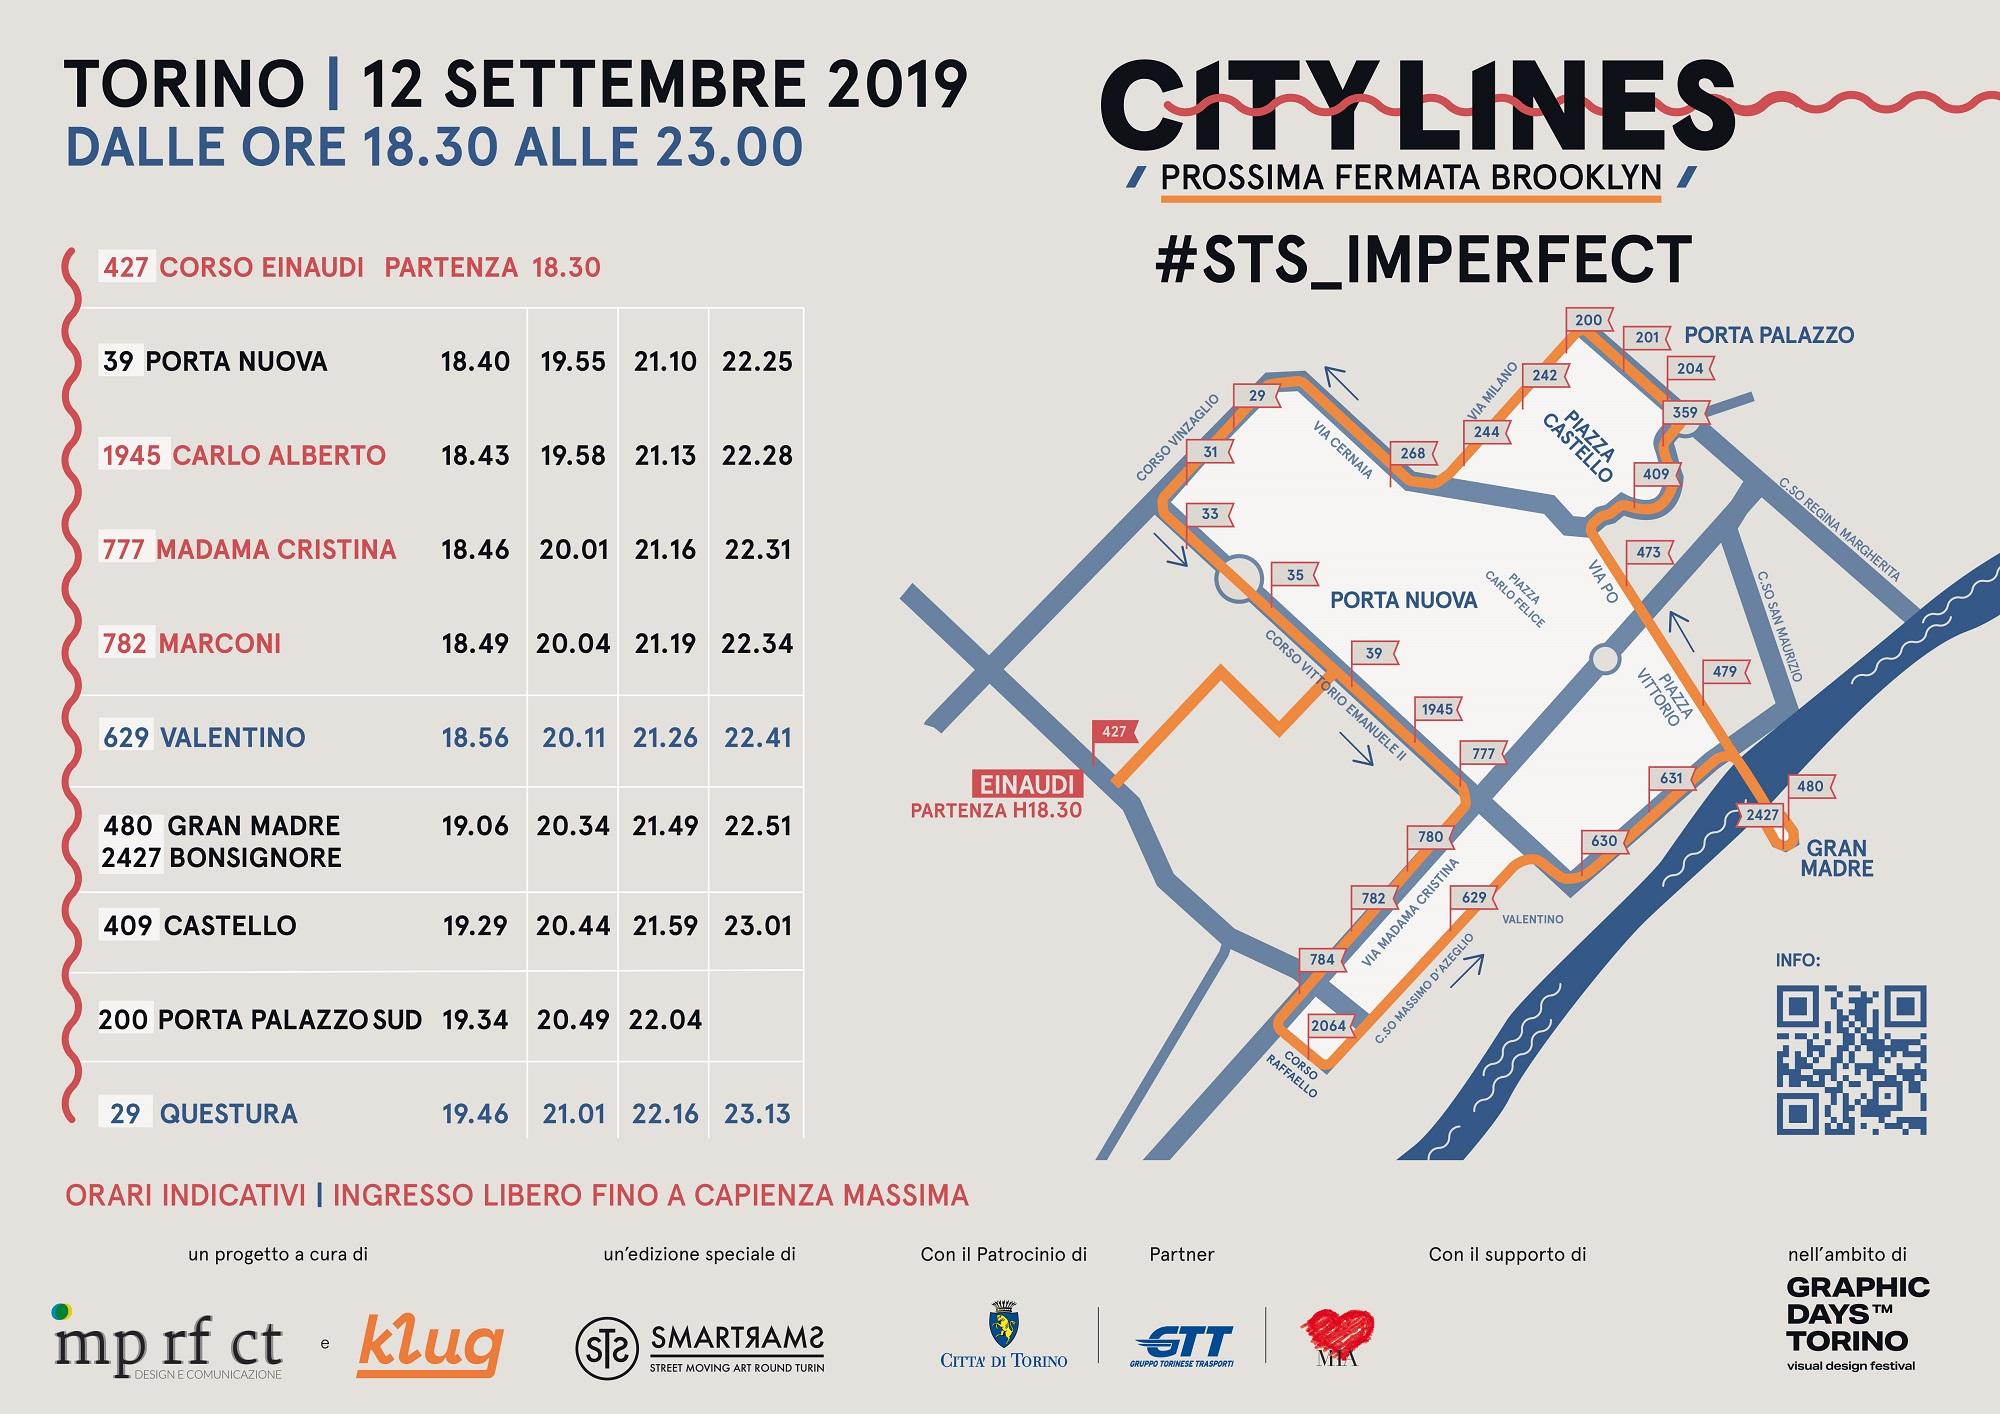 A3 mappa CITYlines